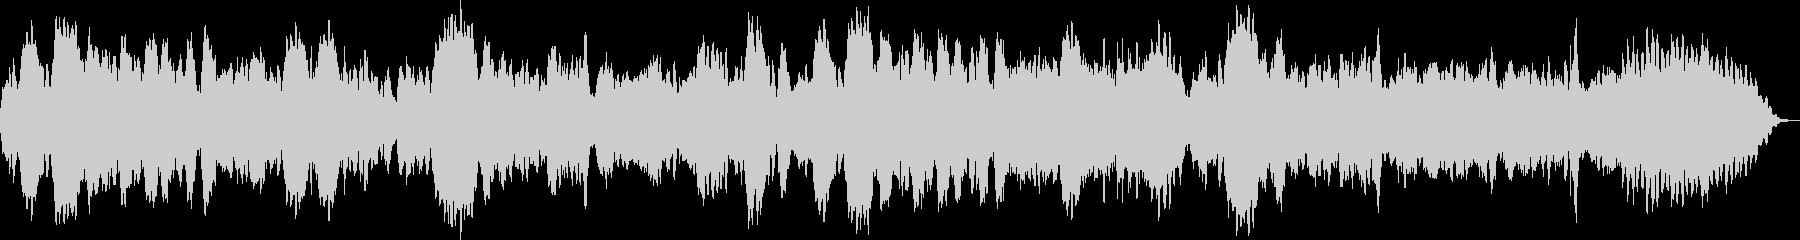 フルートとハープシコードのノスタルジー曲の未再生の波形